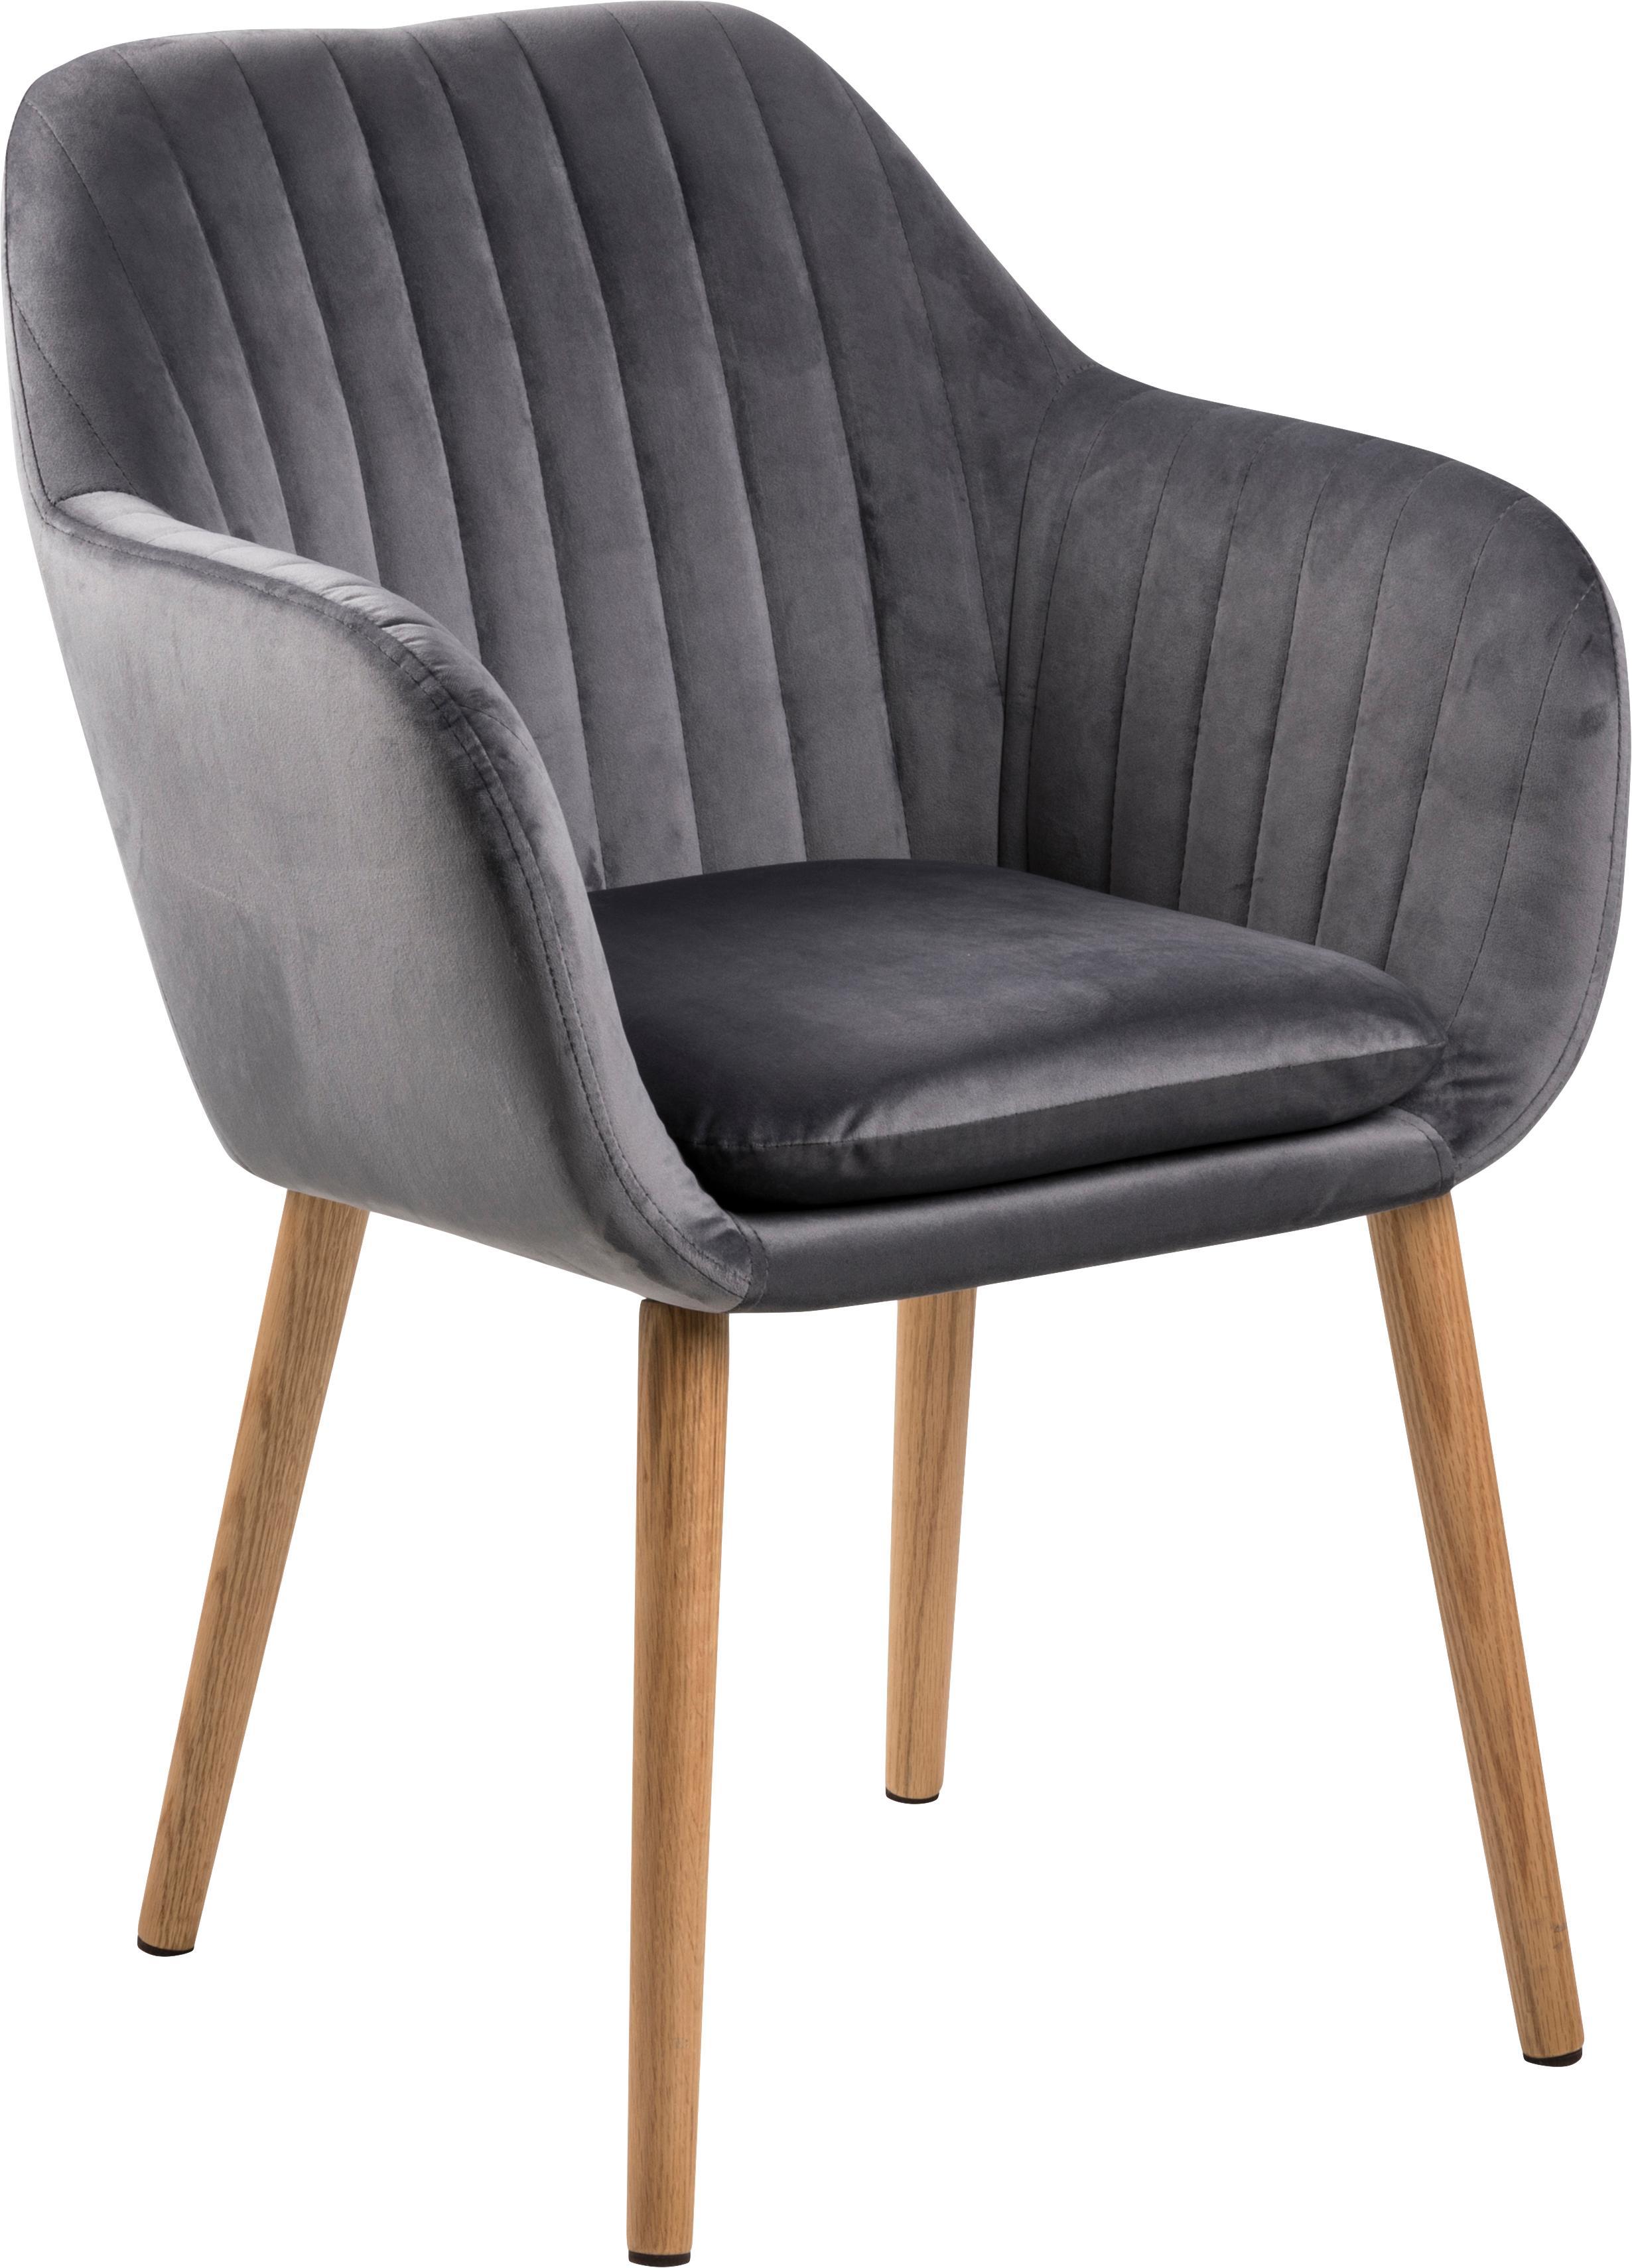 Fluwelen armstoel Emilia, Bekleding: polyester (fluweel), Poten: geolied eikenhout, Fluweel donkergrijs, poten zwart, B 57 x D 59 cm